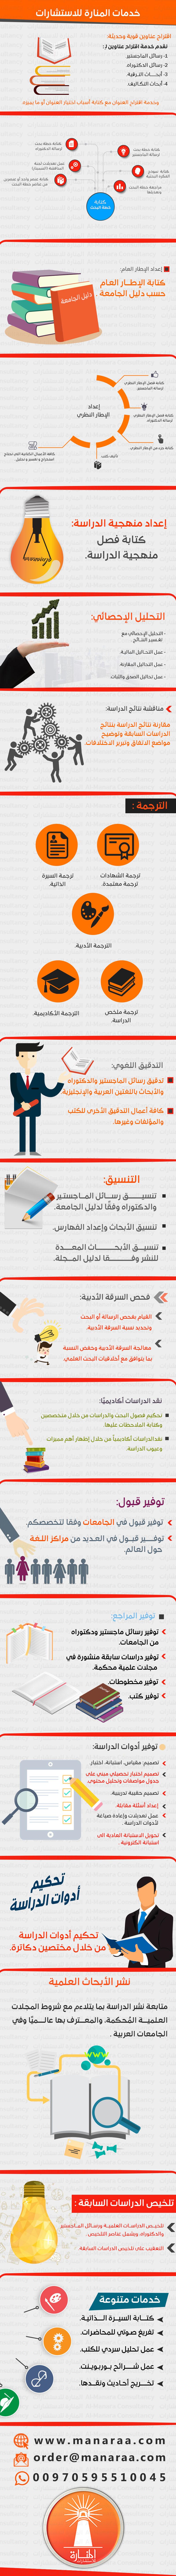 نقدم لكم من خلال هذه الصفحة ملخص خدمات المنارة للاستشارات والتي تم تقسيمها على تصنيف الخدمات في الموقع Https Manaraa Com Posts Education Map Map Screenshot